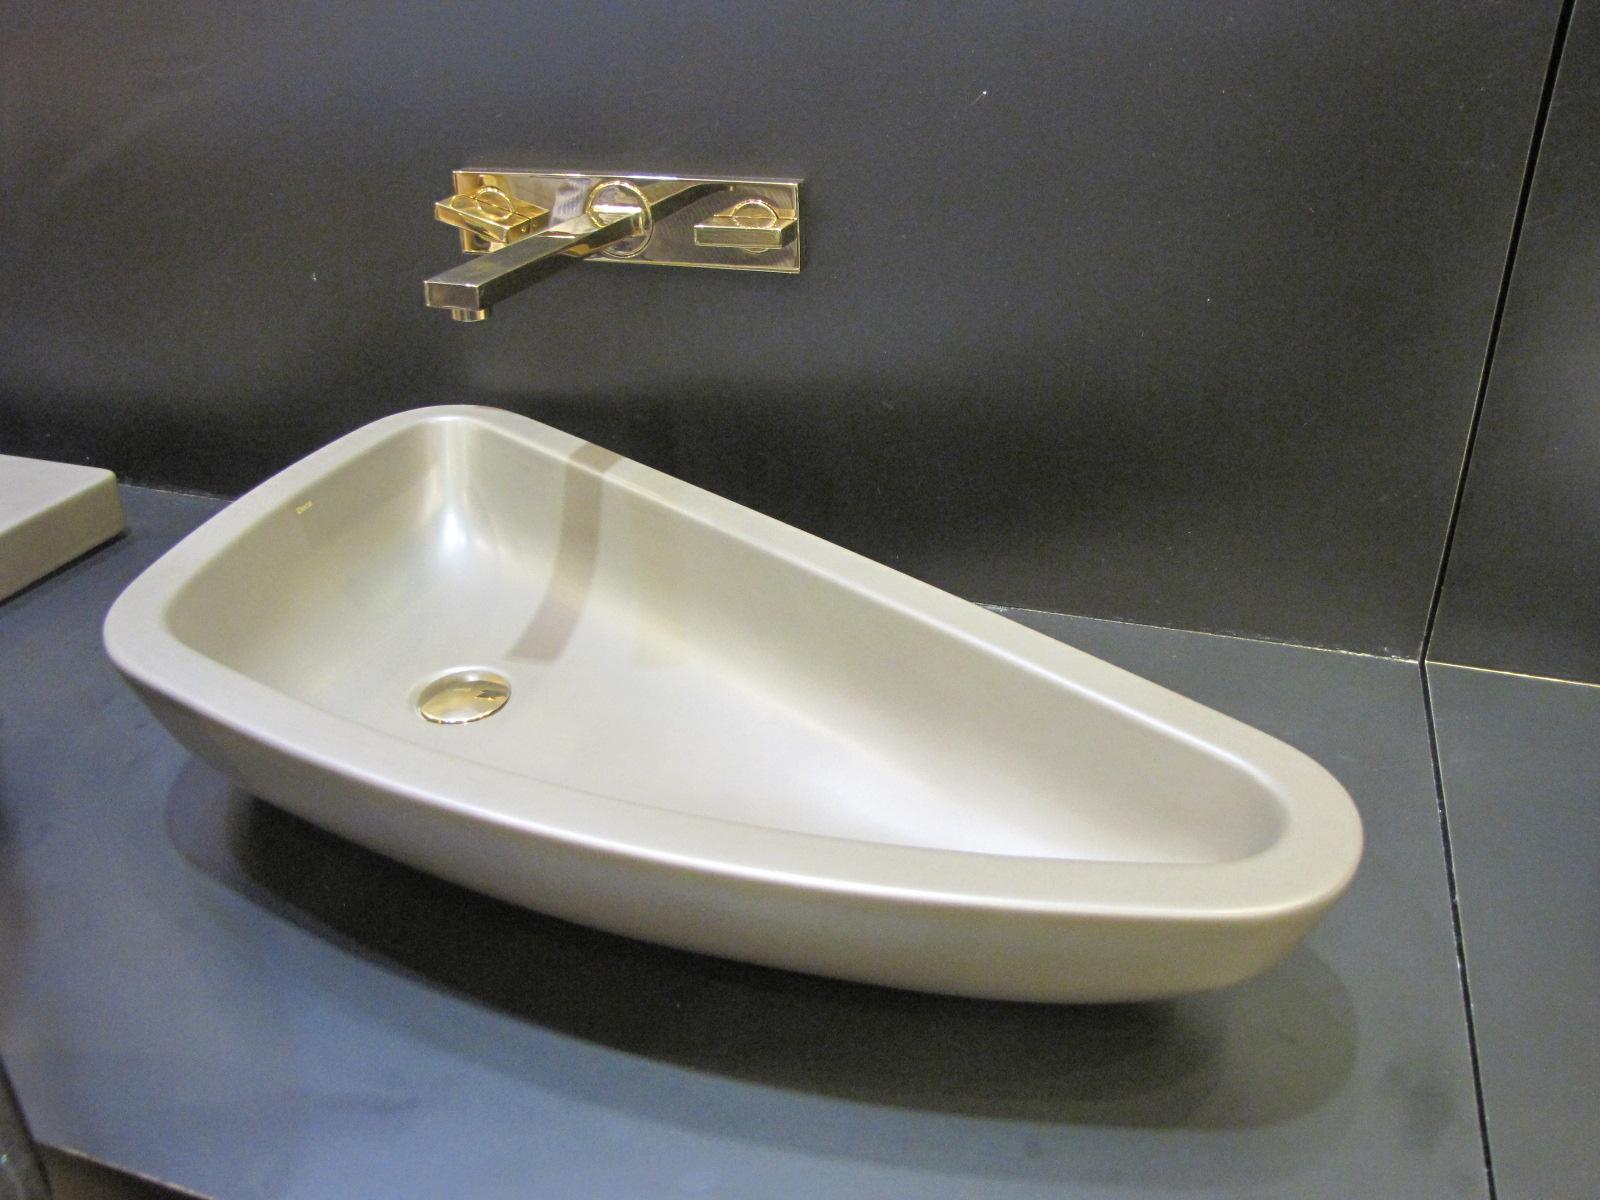 Novidades em louças: Deca e Roca. Carla Mateuzzo Arquitetura #4F5E7C 1600x1200 Acessorios Banheiro Roca